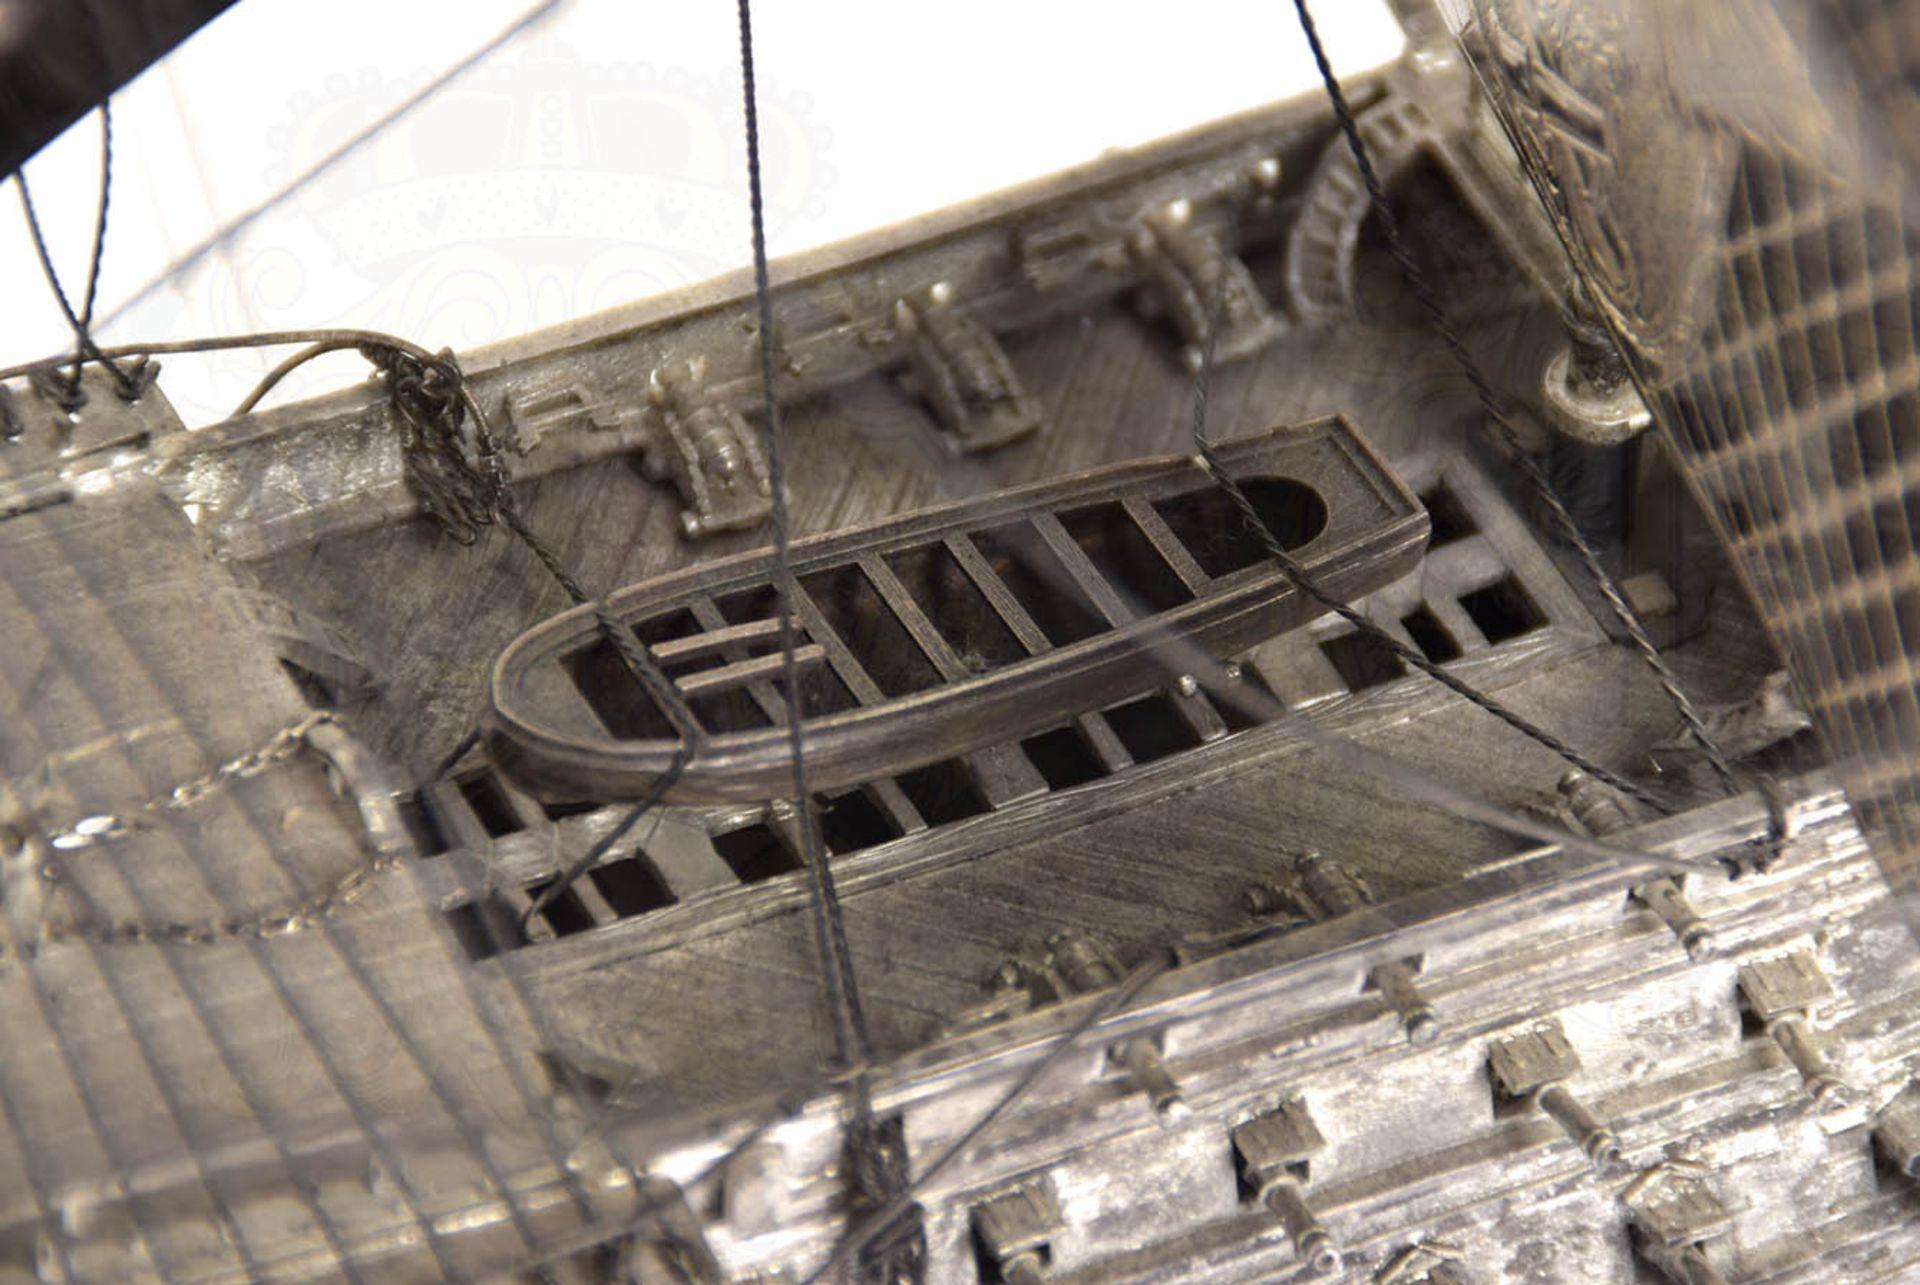 MODELL-LINIENSCHIFF, Dreidecker-Segellinienschiff der 2. Hälfte des 18. Jhd. mit 100 Kanonen, - Bild 5 aus 15